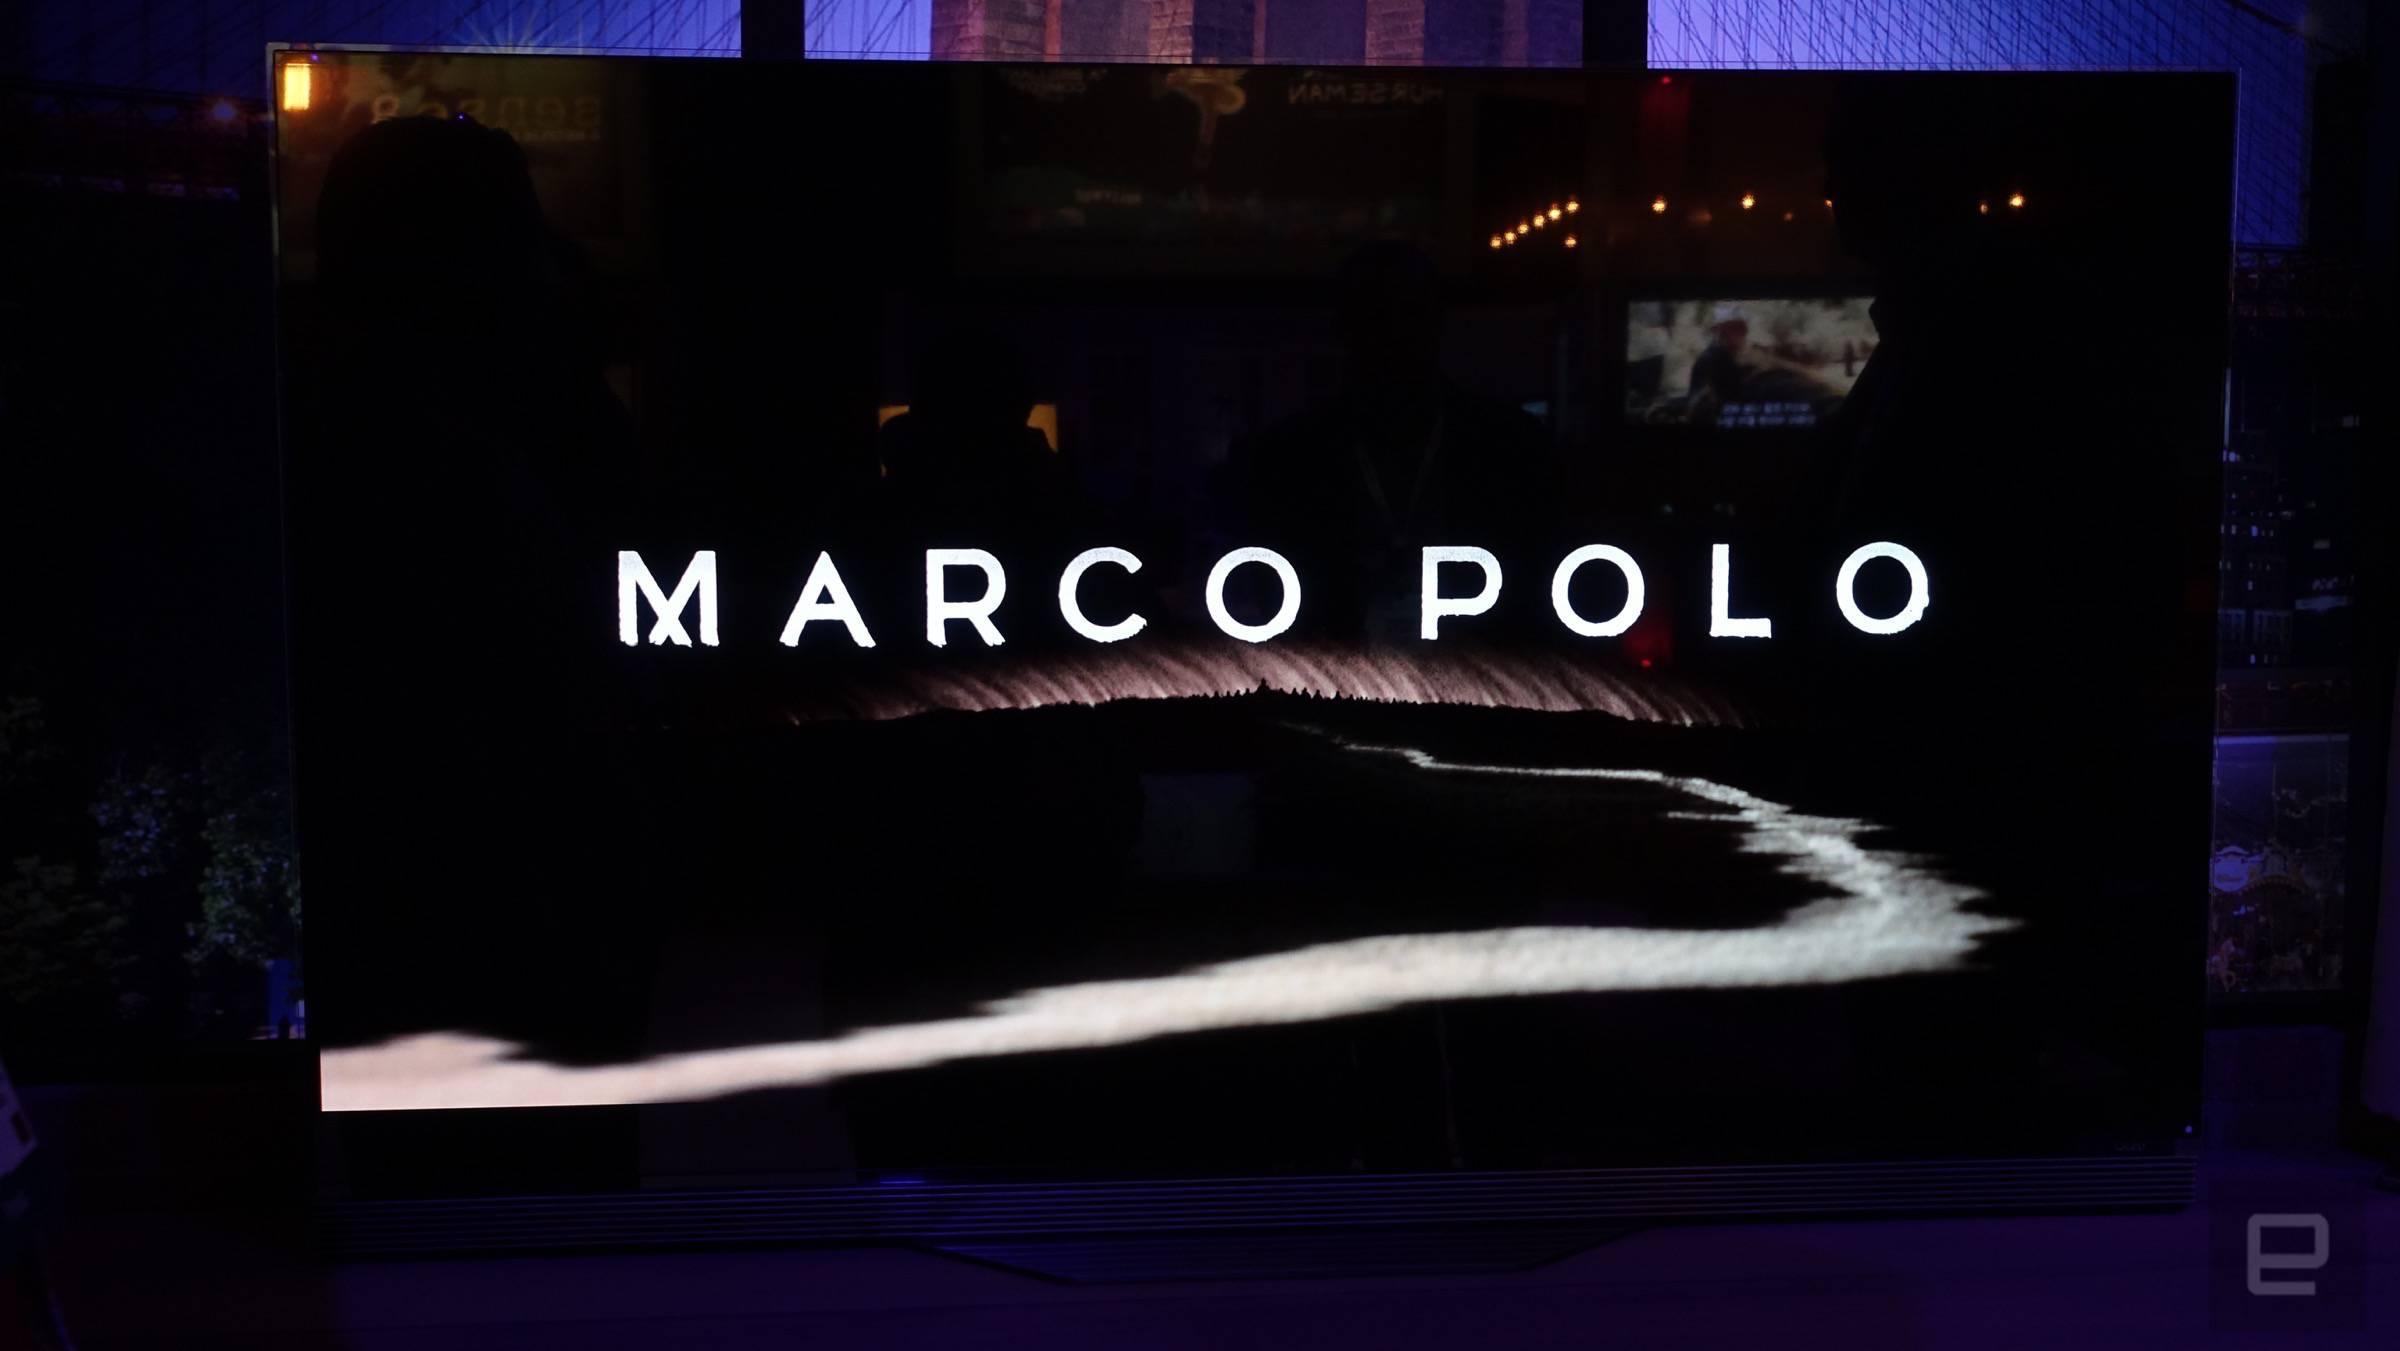 NetFlix estrenará el HDR con las segundas temporadas de Daredevil y Marco Polo